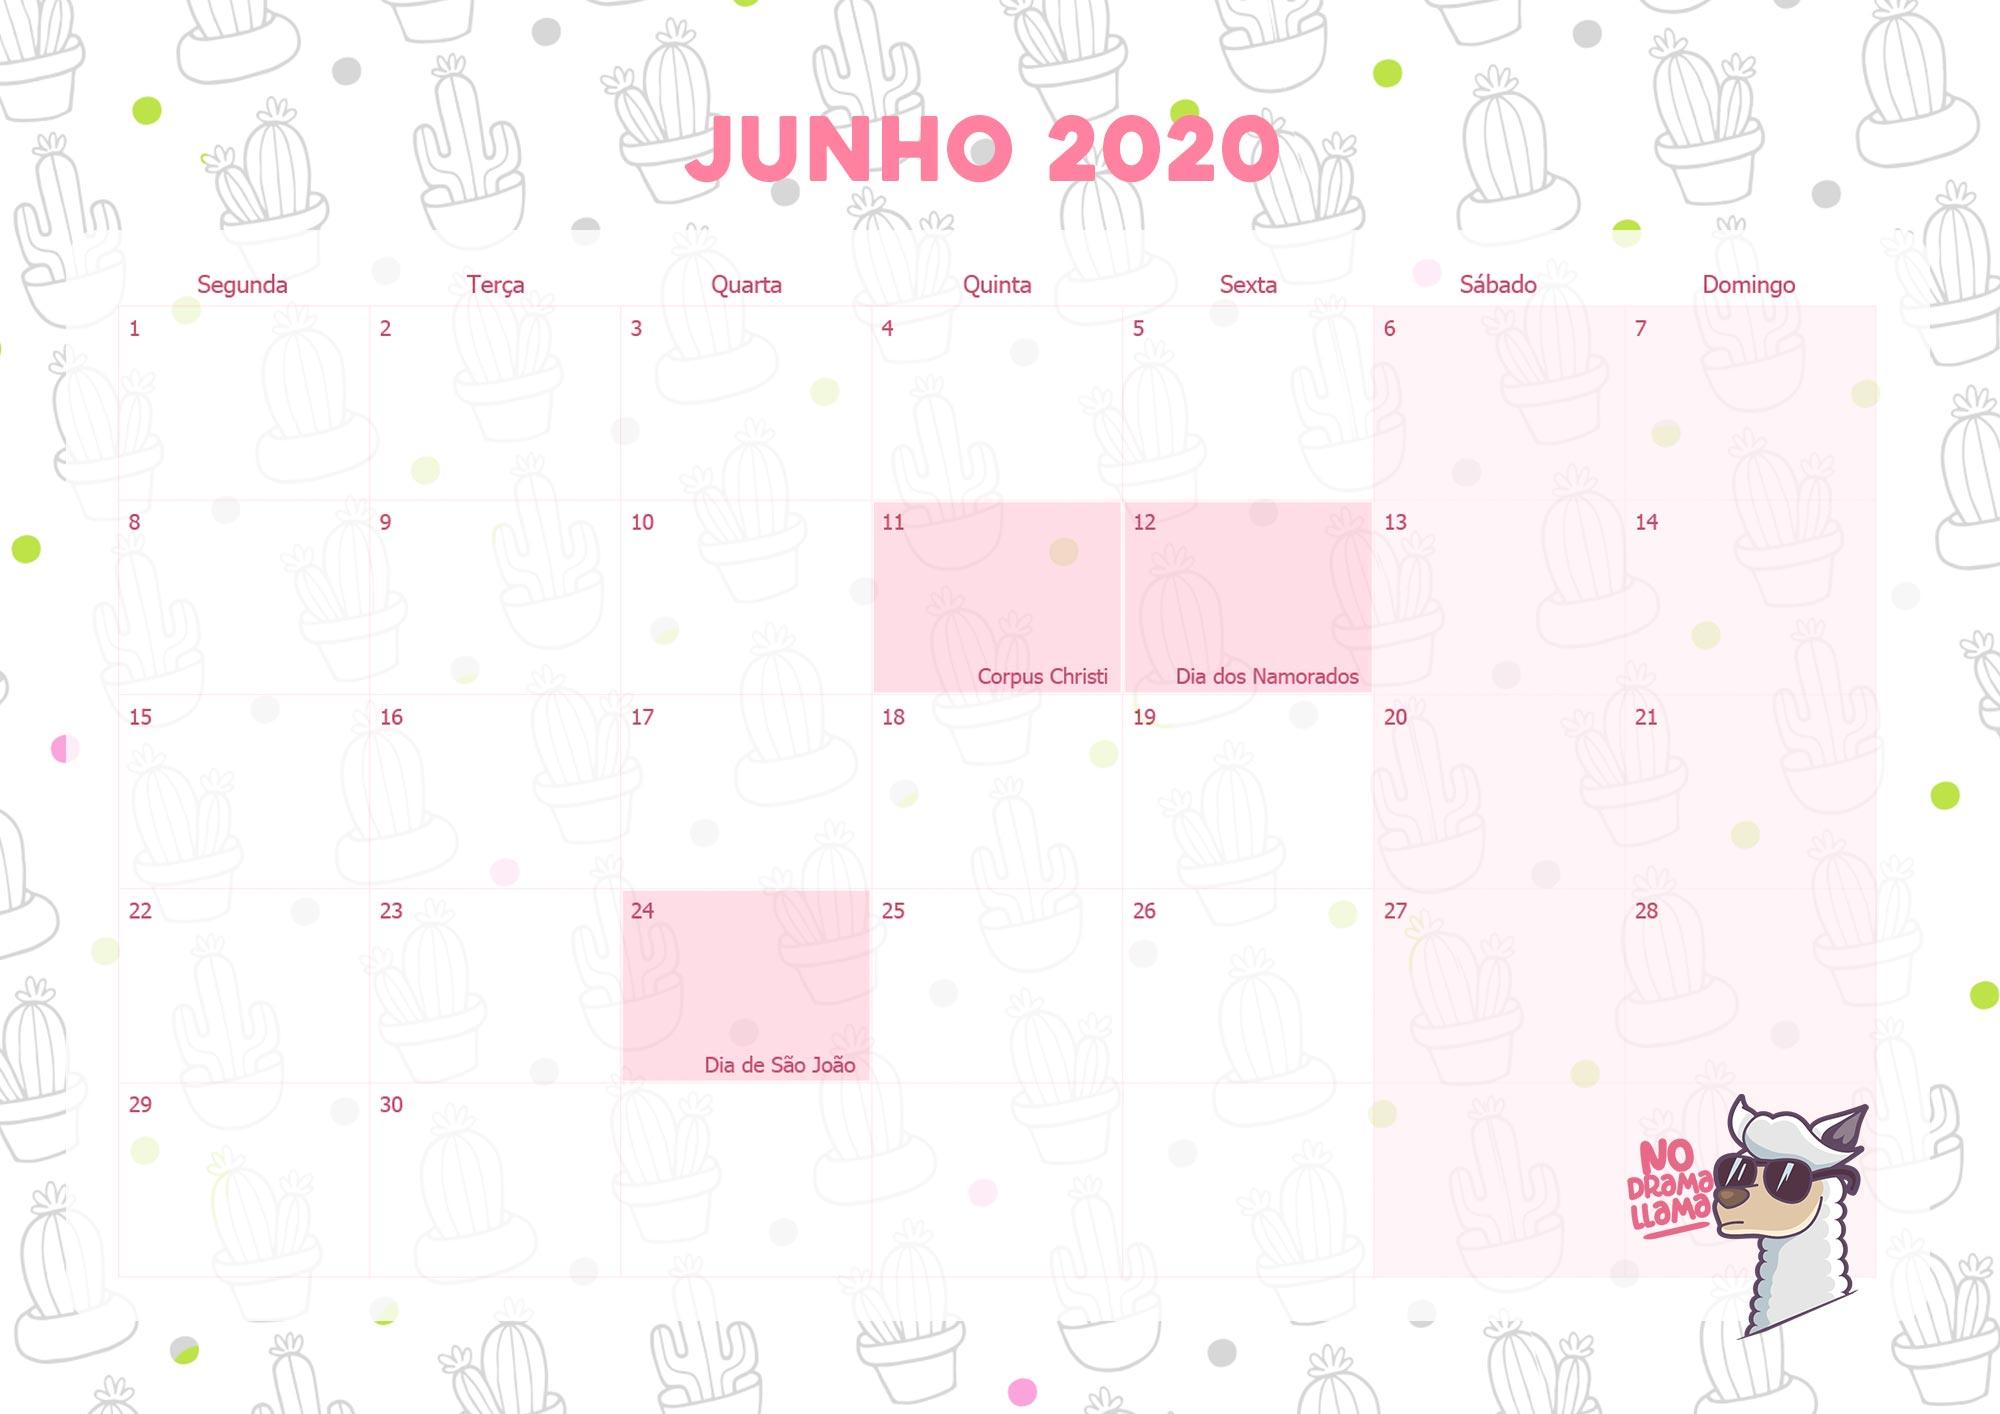 Calendario Mensal Lhama Drama 2020 Junho